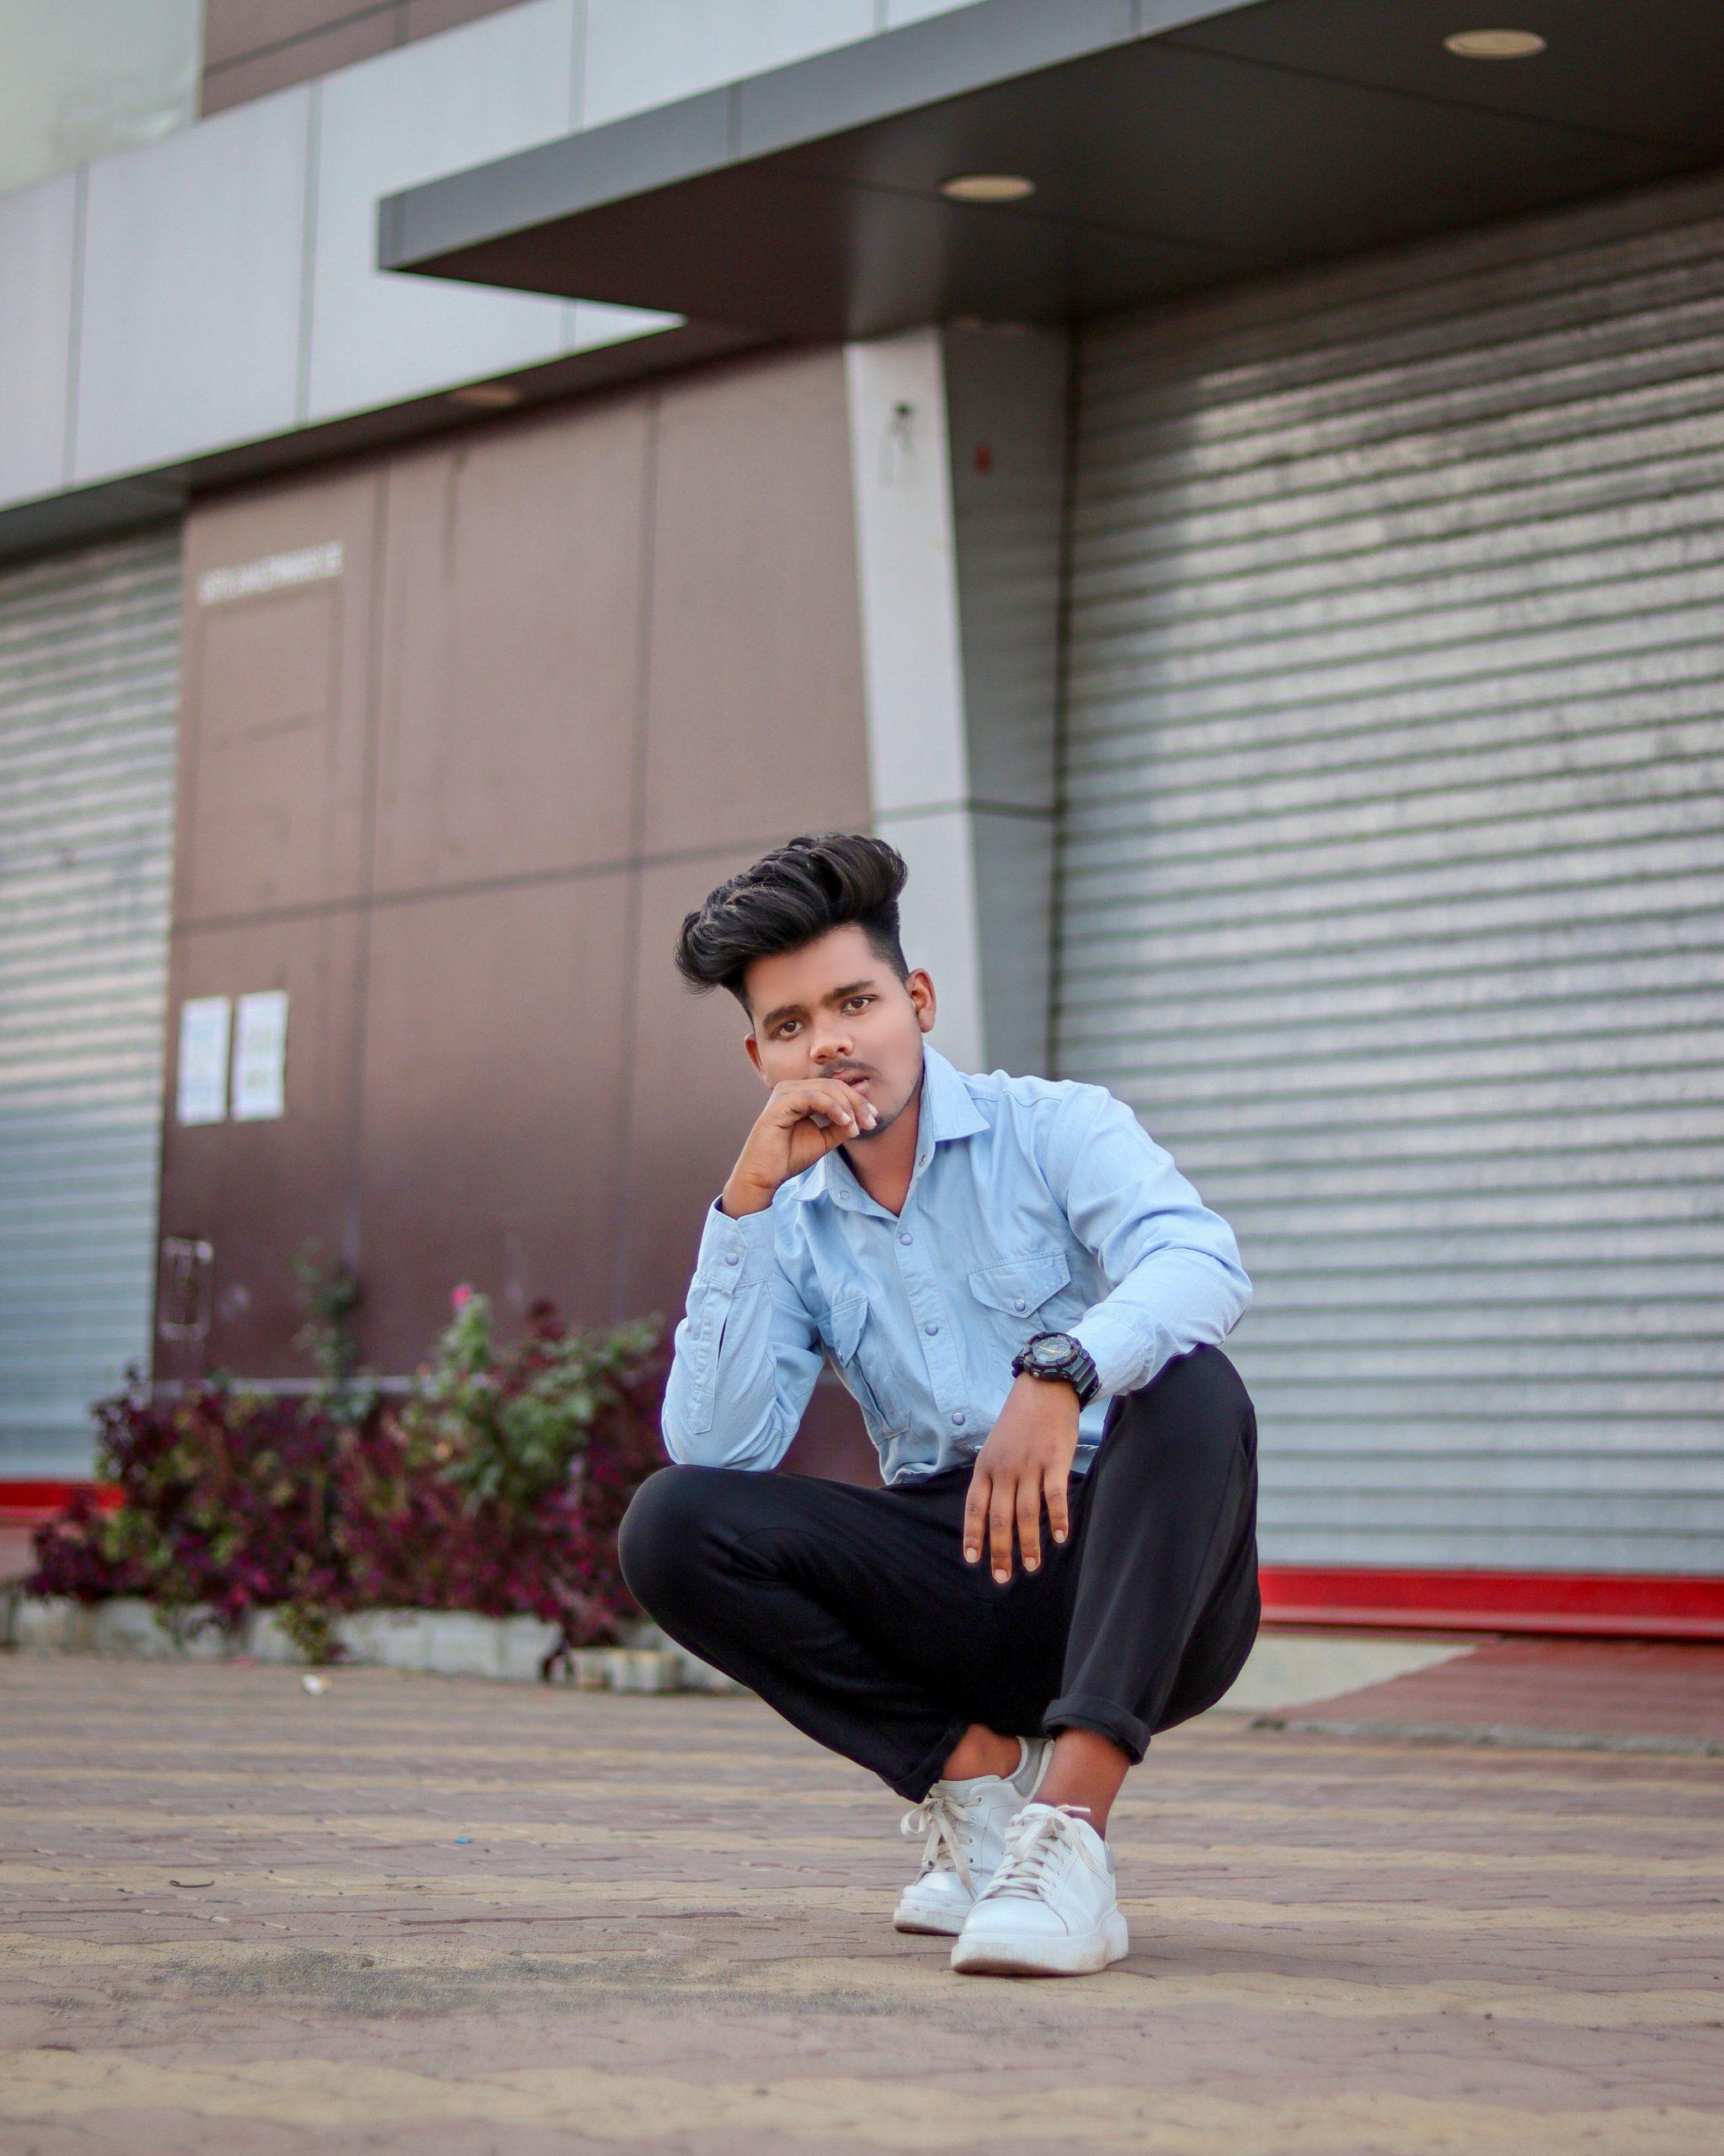 Boy posing